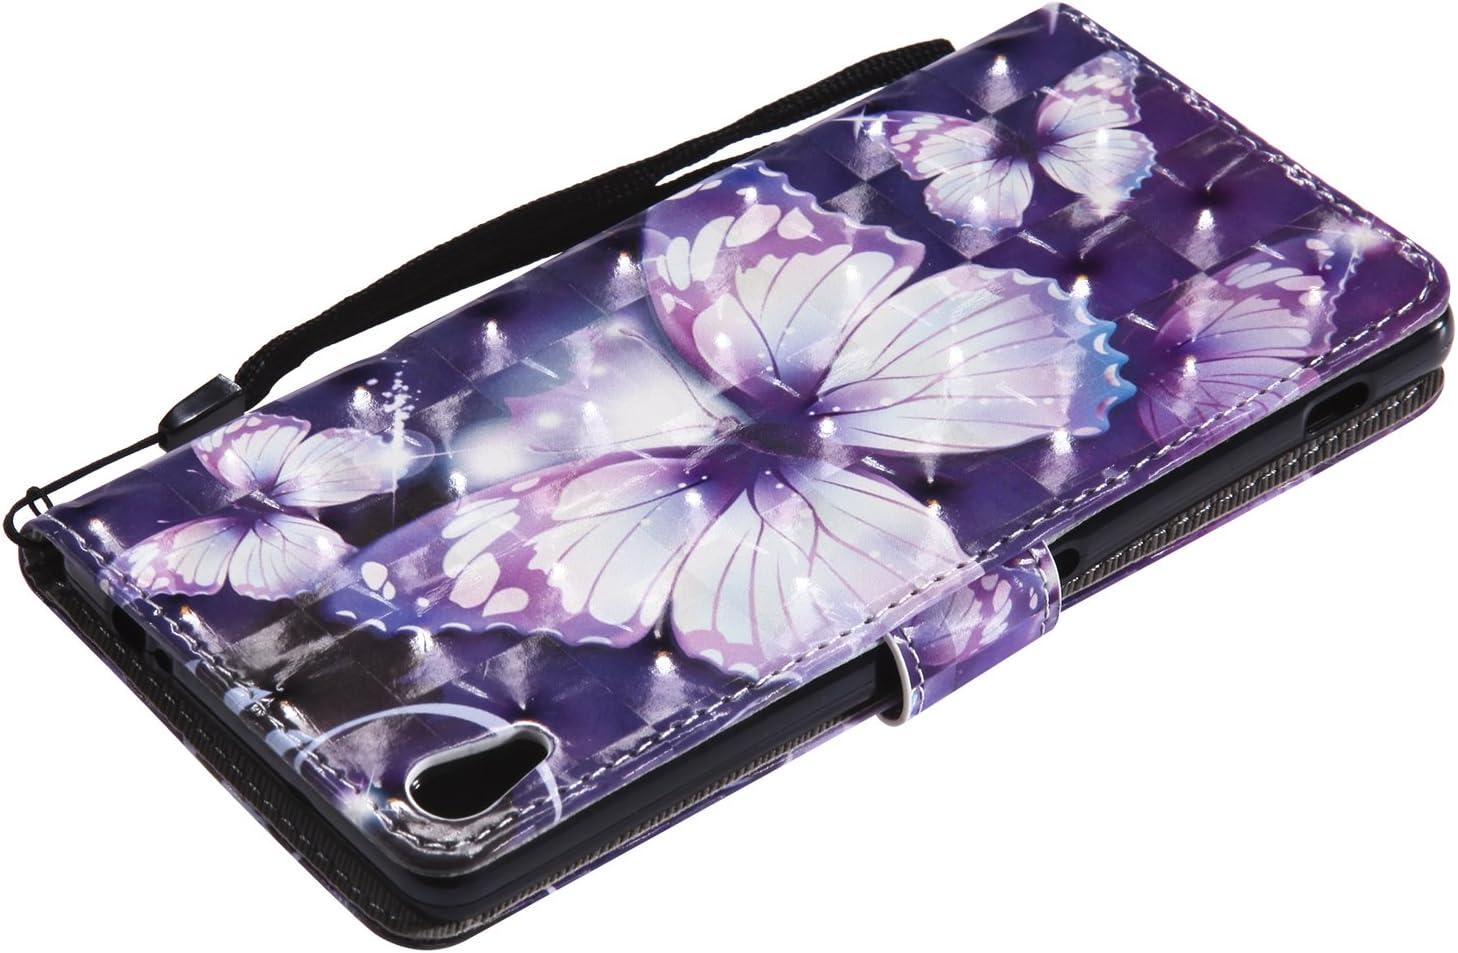 Lomogo Sony Xperia XA Ultra H/ülle Leder - KATU25989#6 Schutzh/ülle Brieftasche mit Kartenfach Klappbar Magnetverschluss Sto/ßfest Kratzfest Handyh/ülle Case f/ür Sony Xperia XA Ultra 6,0 Zoll